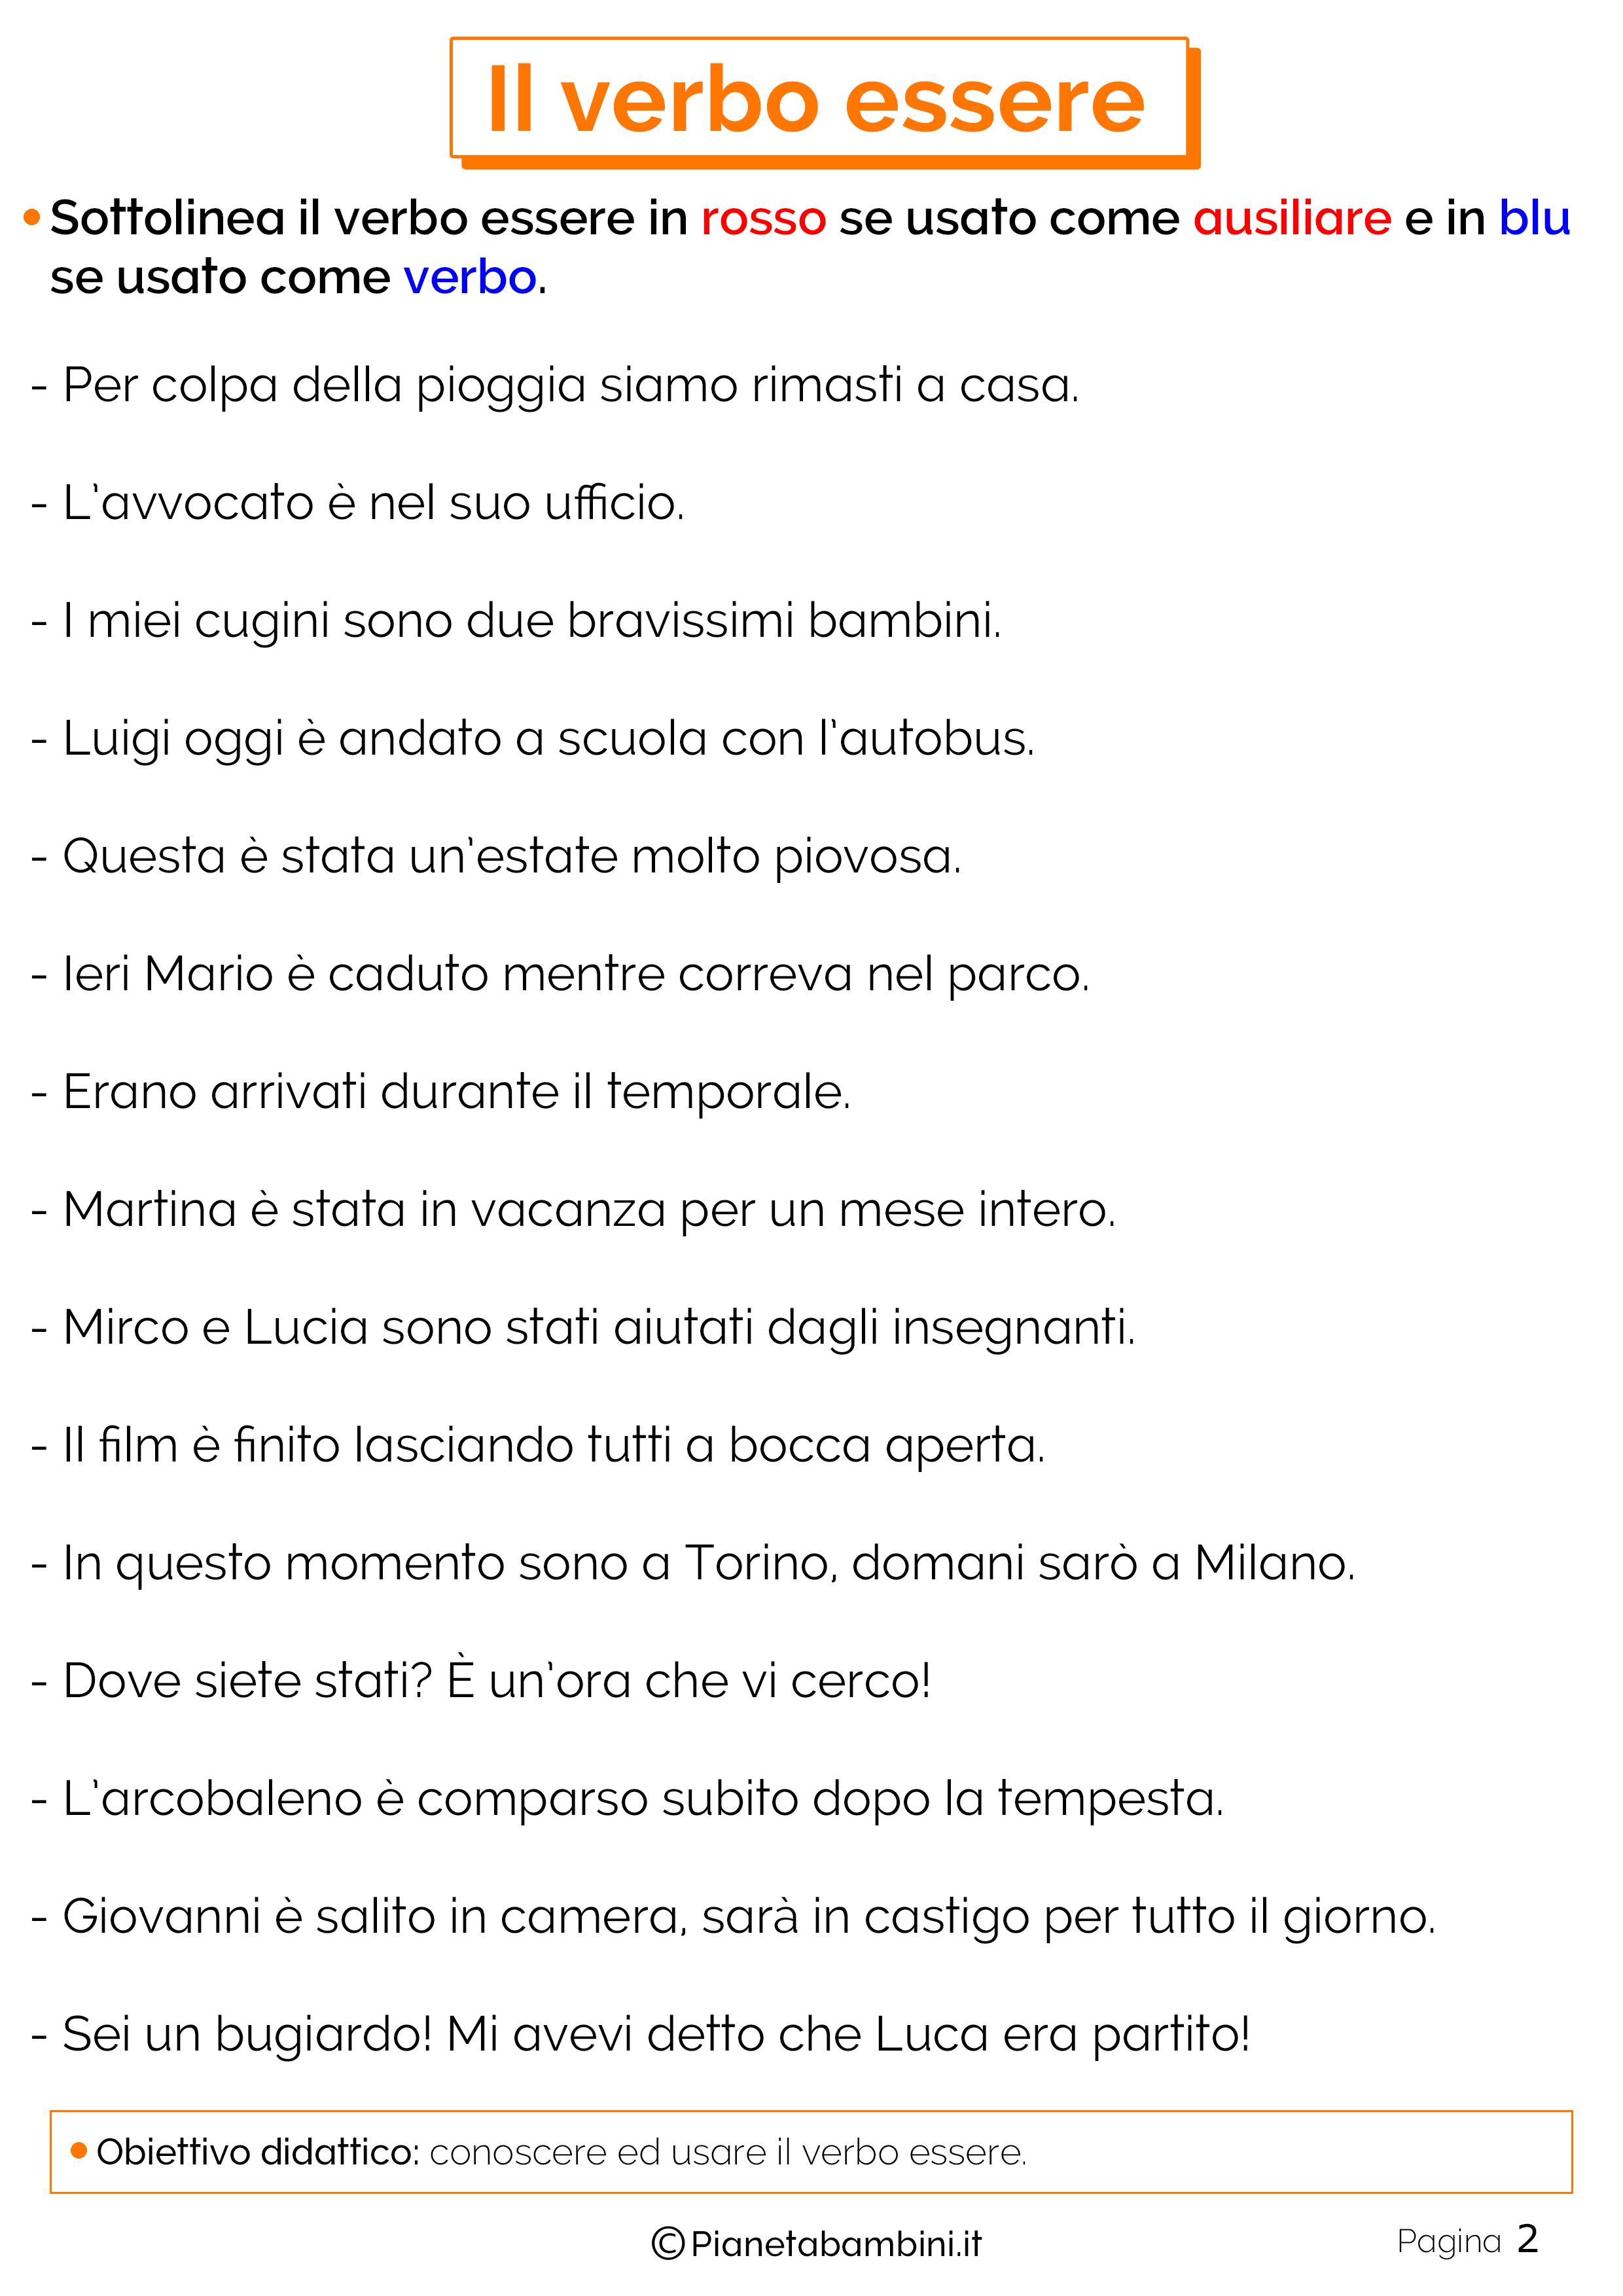 Schede didattiche sul verbo Essere 2